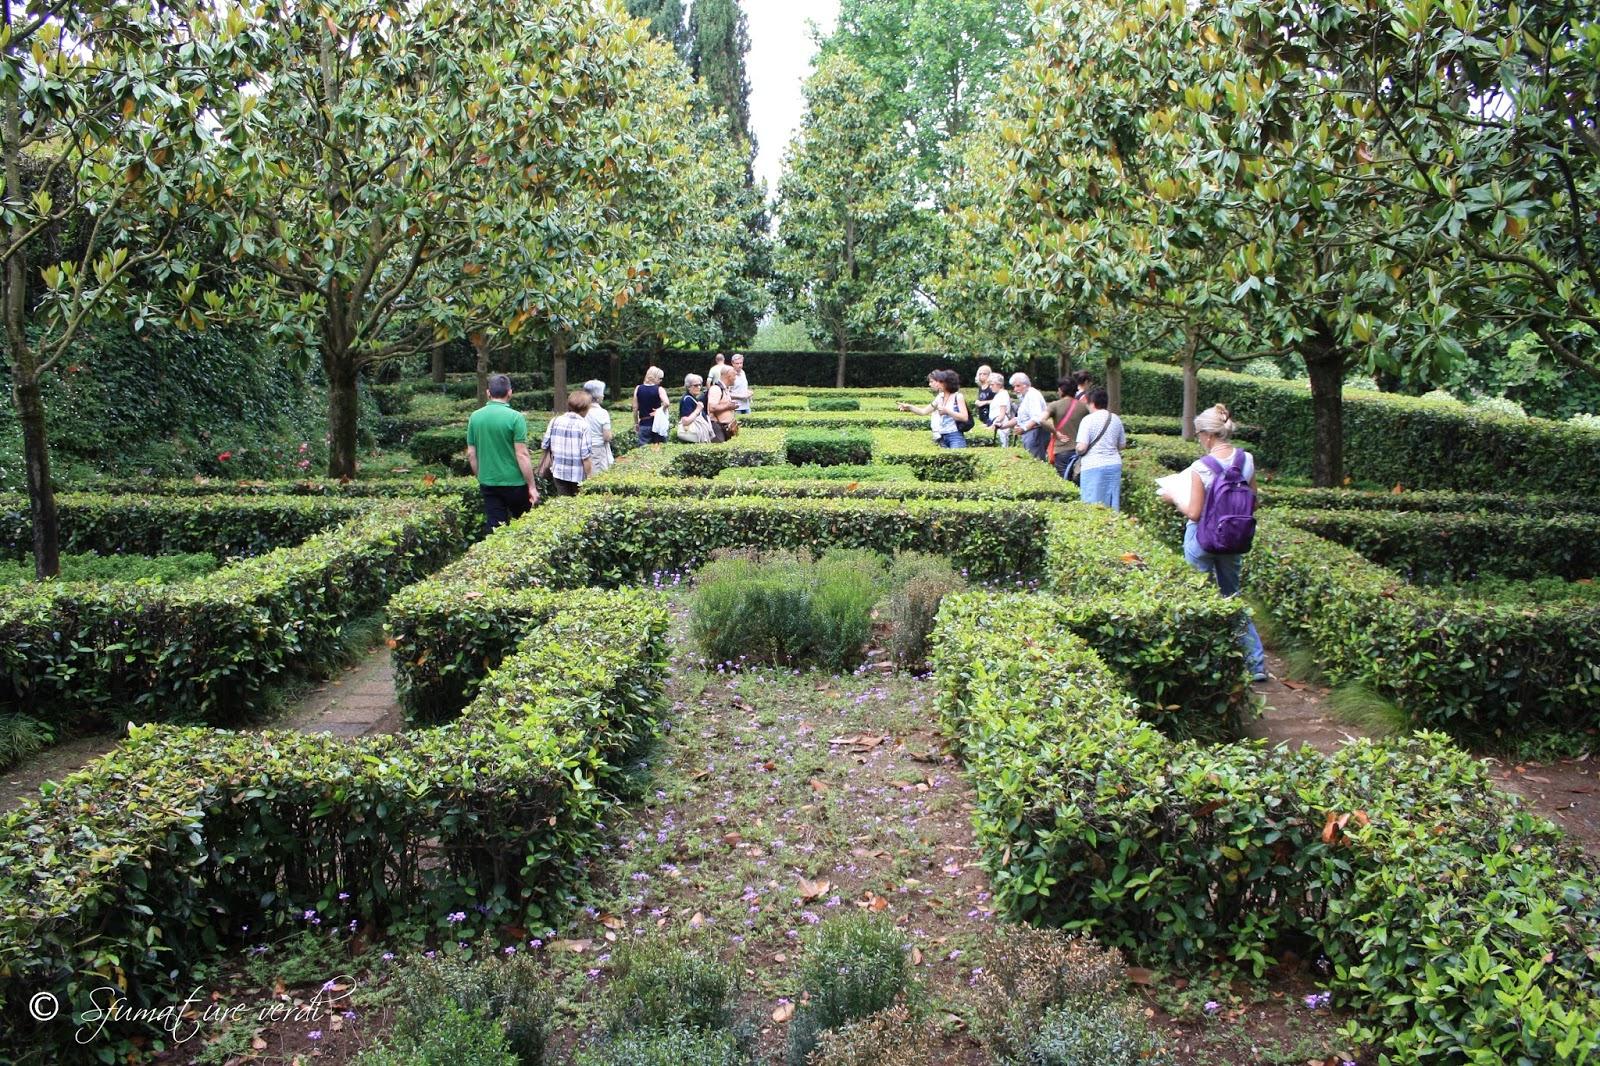 I giardini della landriana sfumature verdi for Disegno giardini